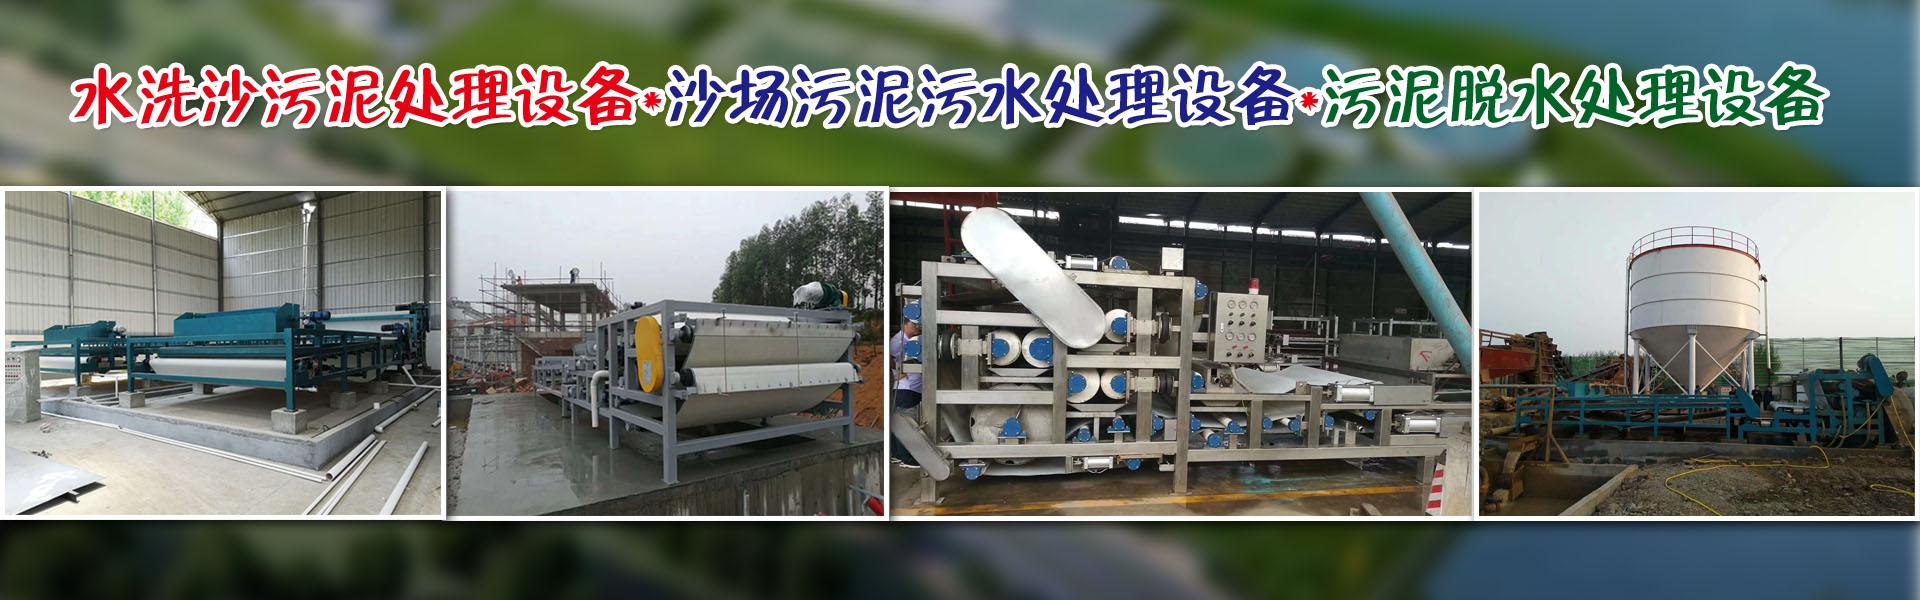 水洗沙污泥处理设备*沙场污泥污水处理设备*污泥脱水处理设备